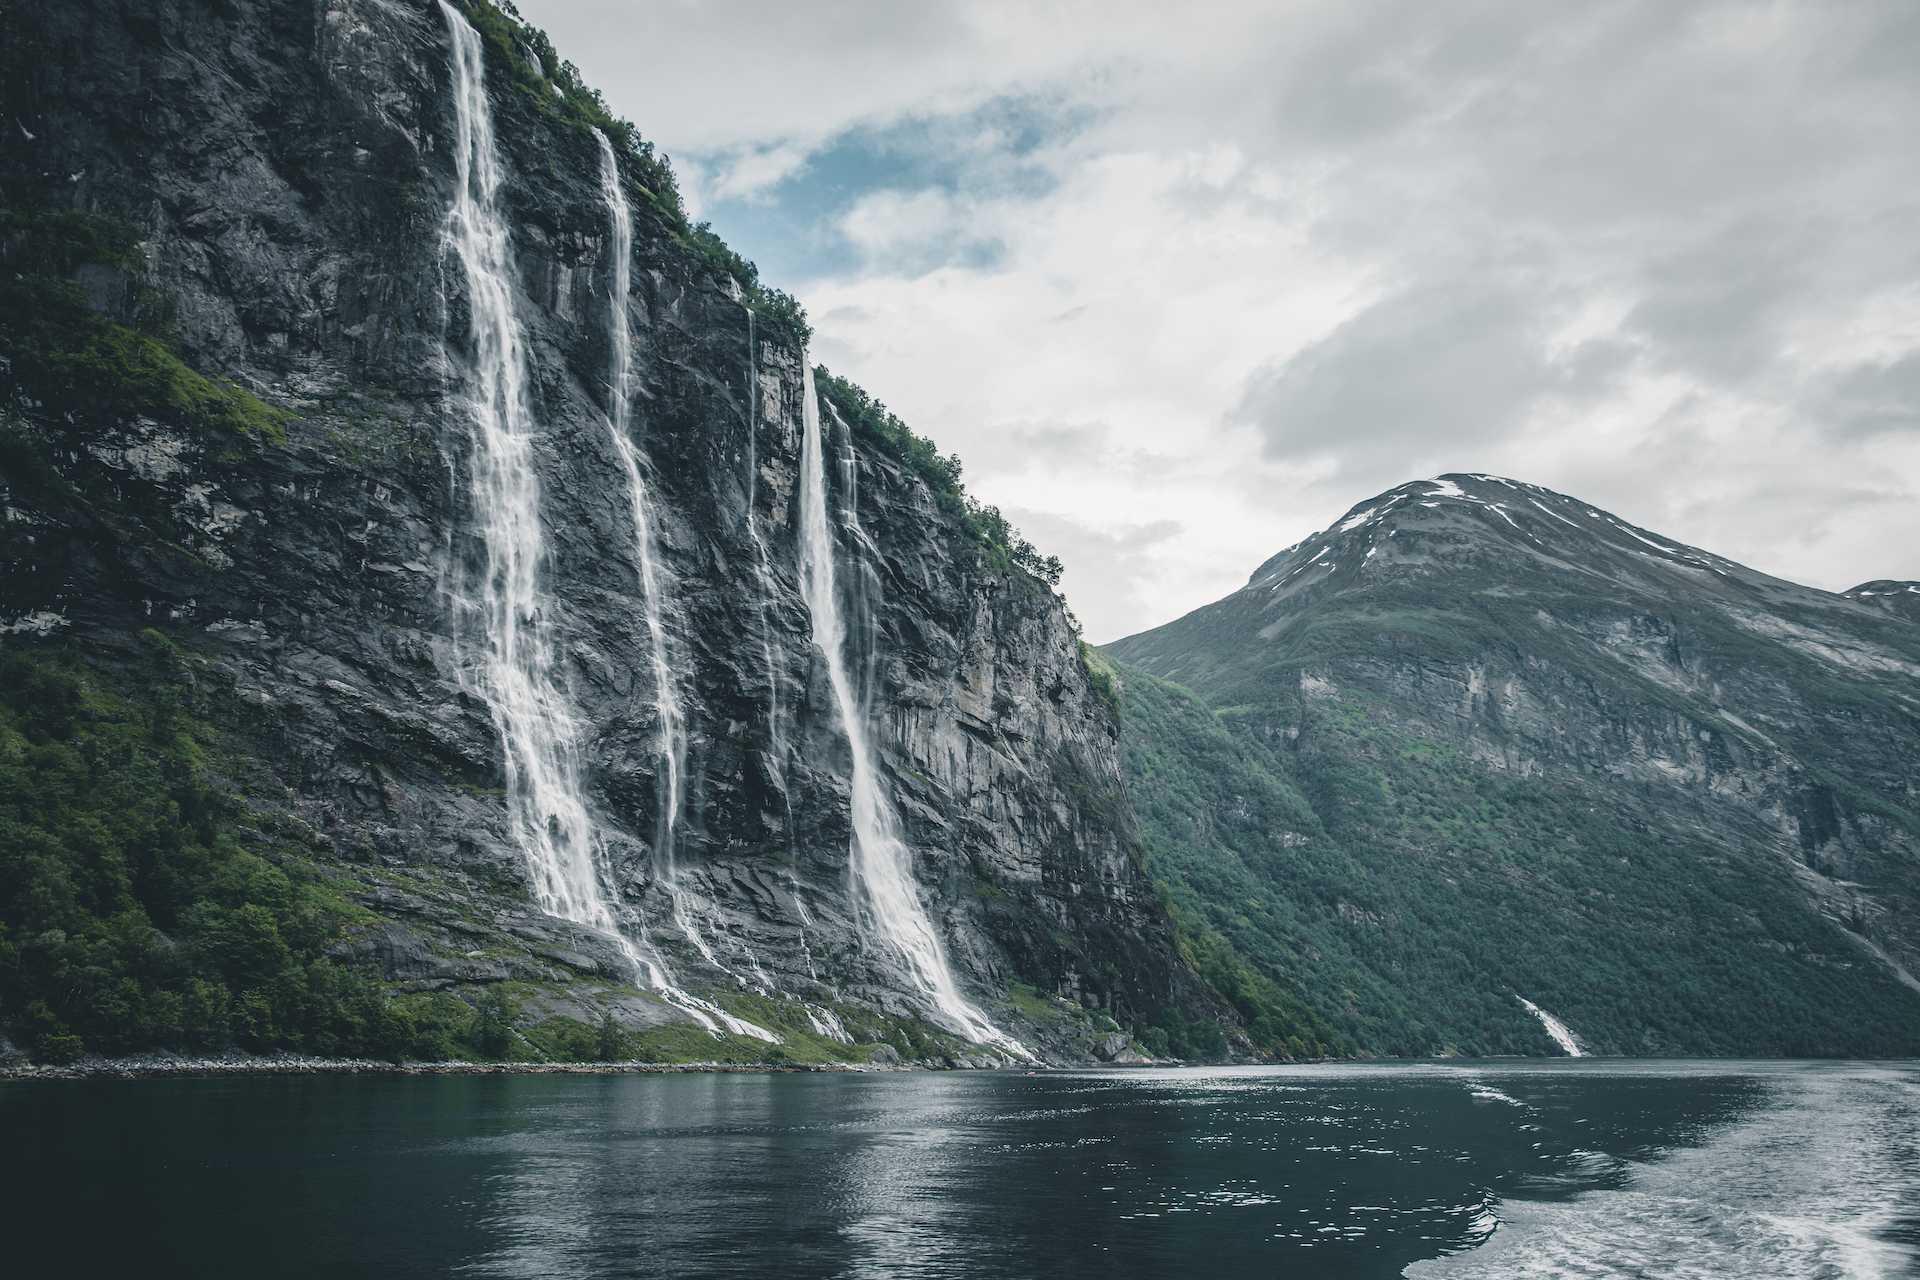 wodospady wNorwegii